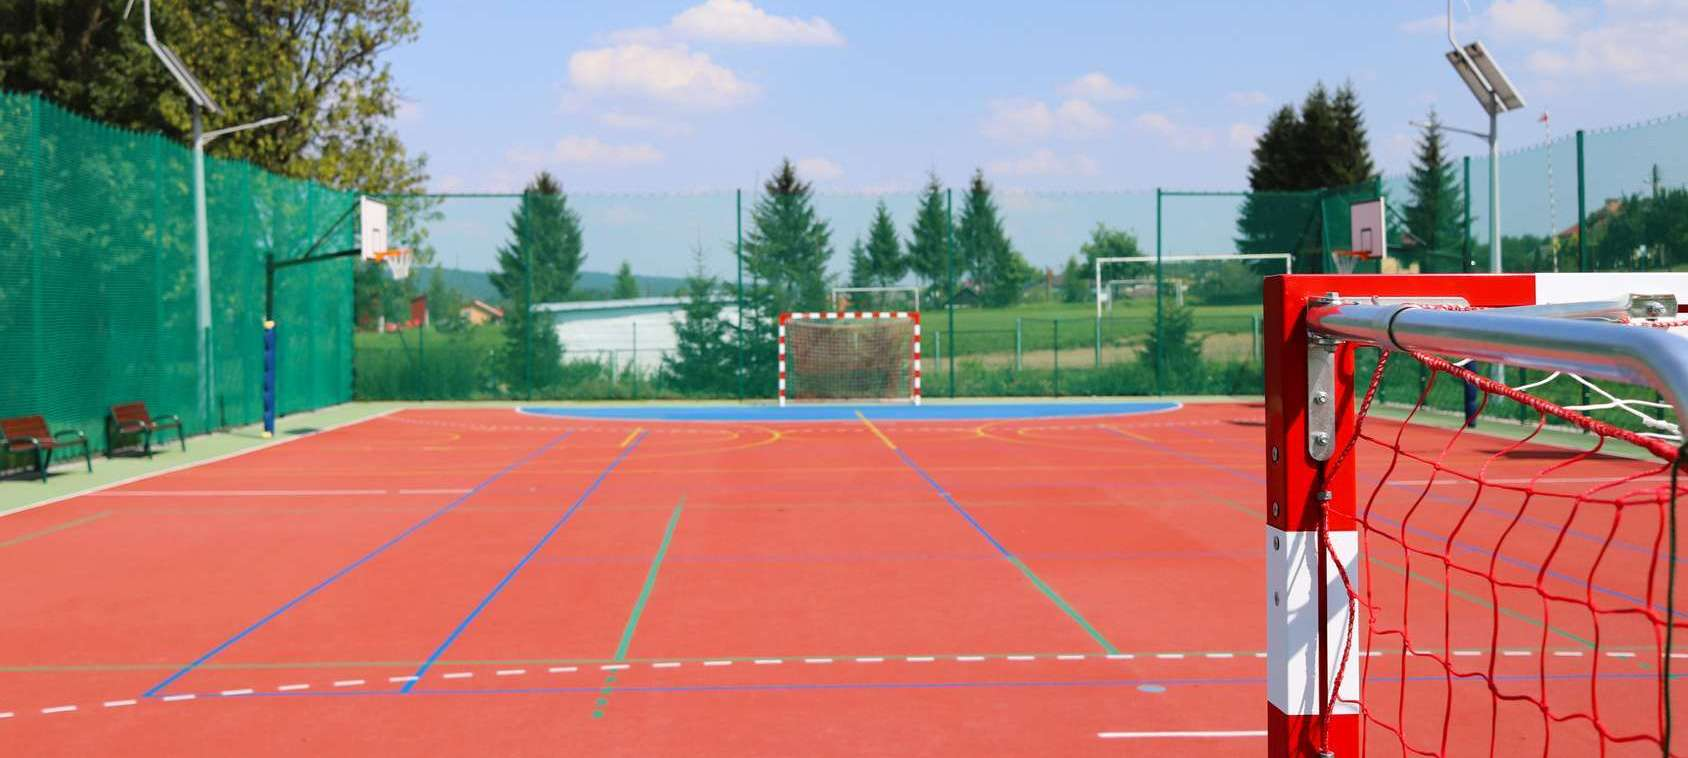 Profesjonalne siatki boiska sportowe zewnętrzne i do hali od Symar